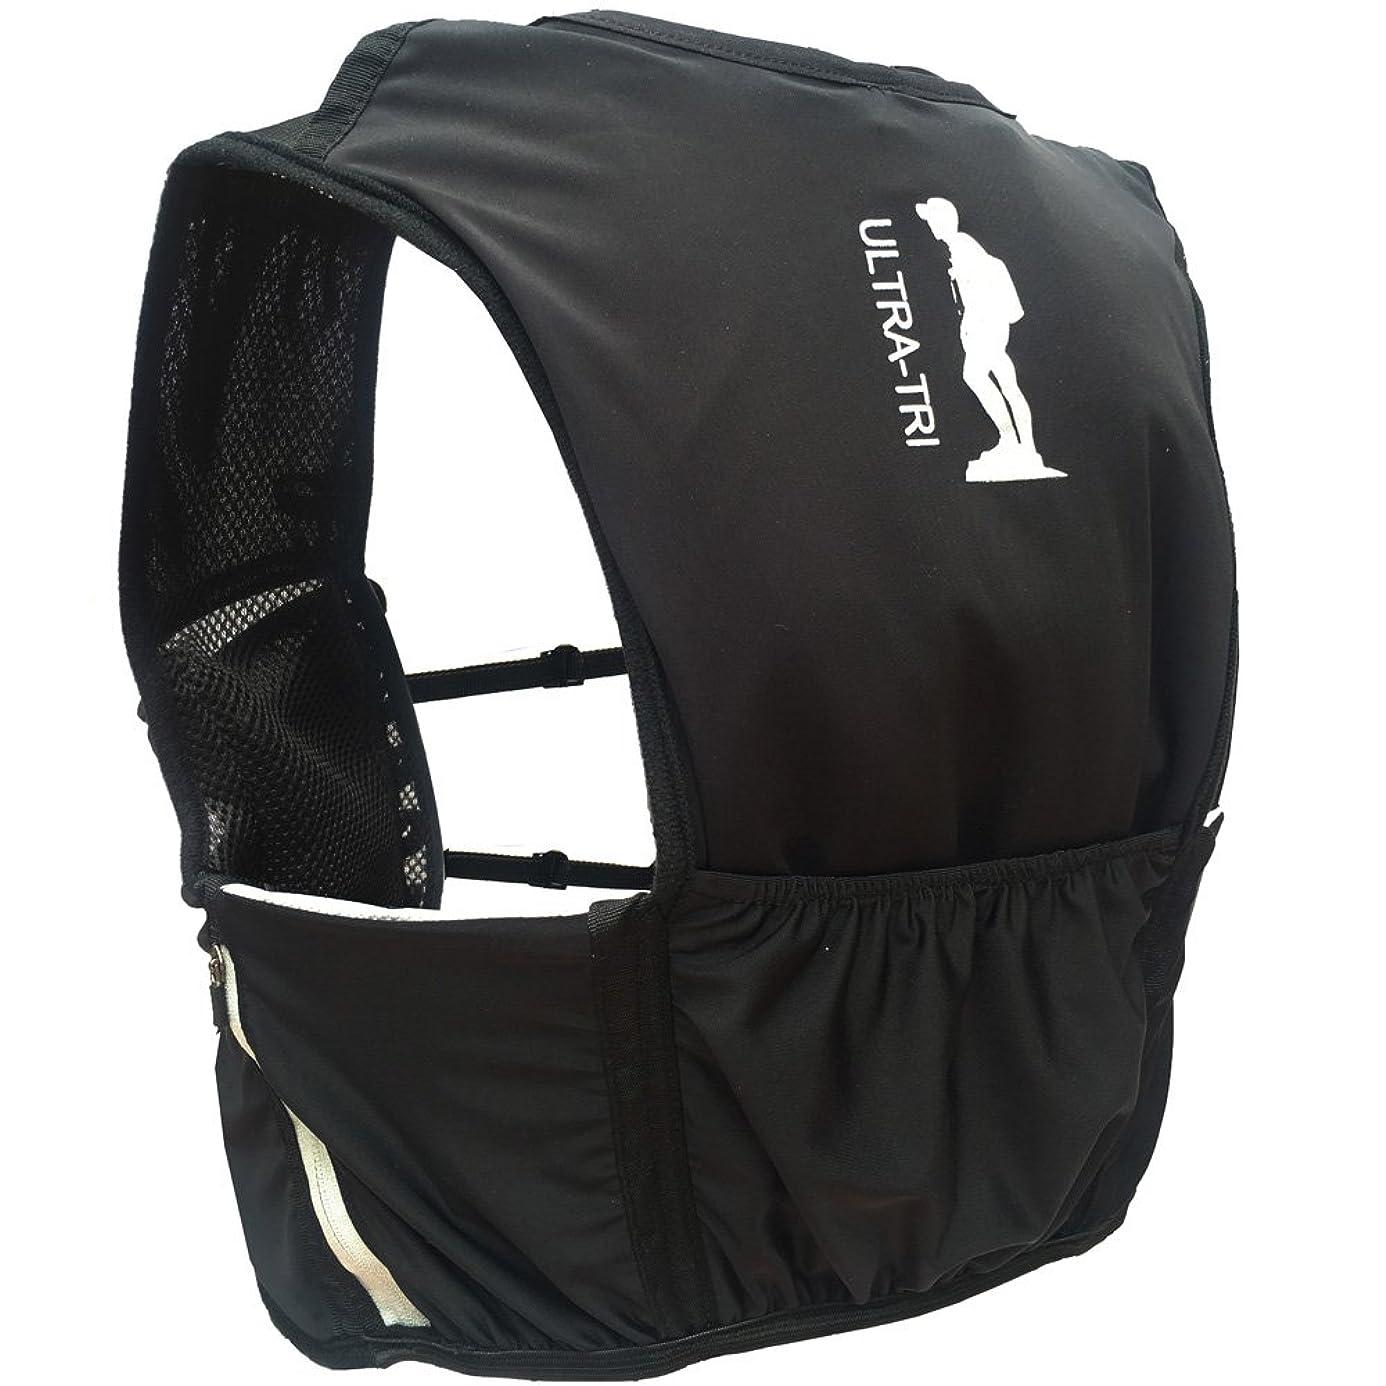 気質取り囲むペレットULTRA-TRI 超軽量 ランニングバックパックハイドレーション アウトドア スポーツバッグ 登山 レース 遠足 リュックサック 8L